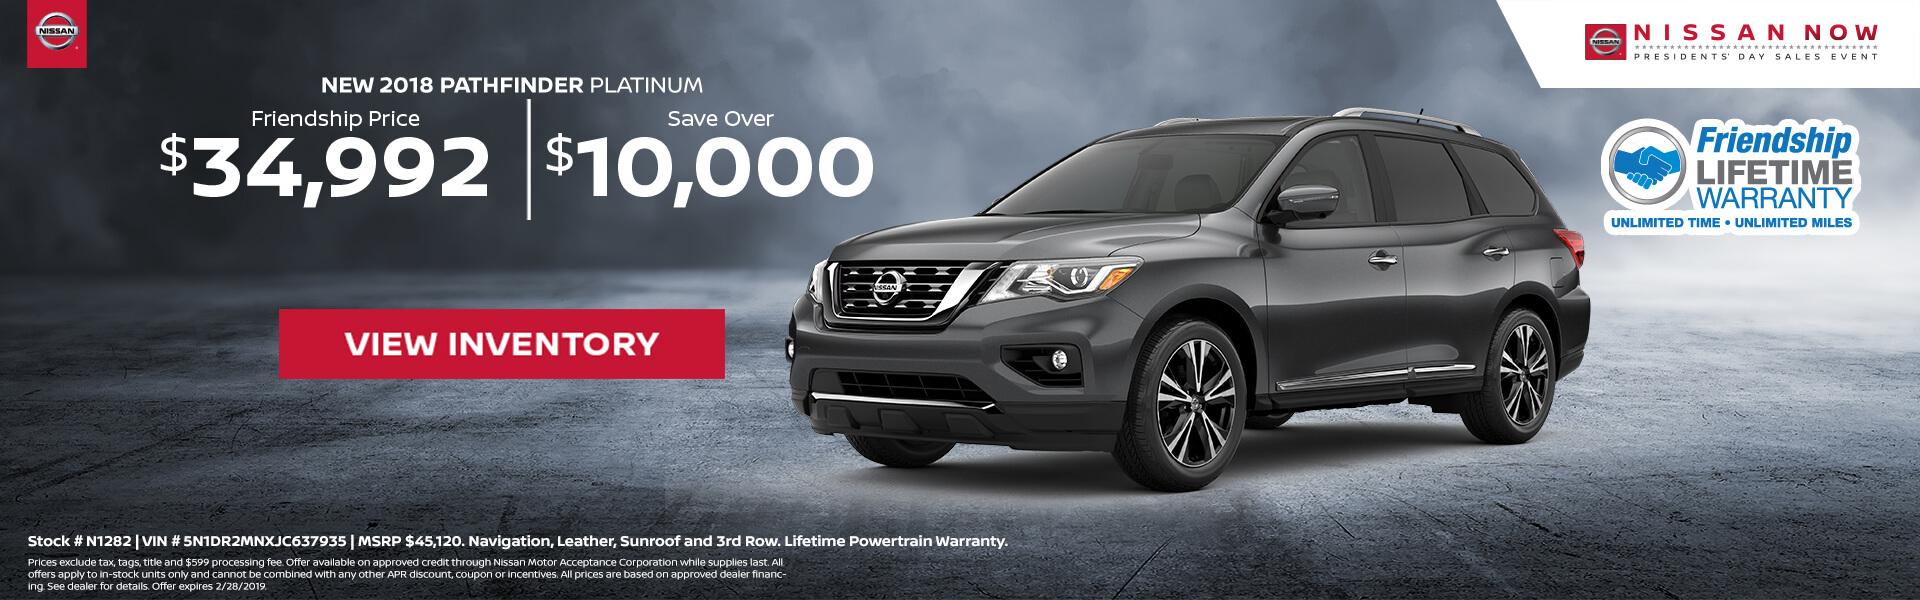 Nissan Pathfinder $34,992 Purchase